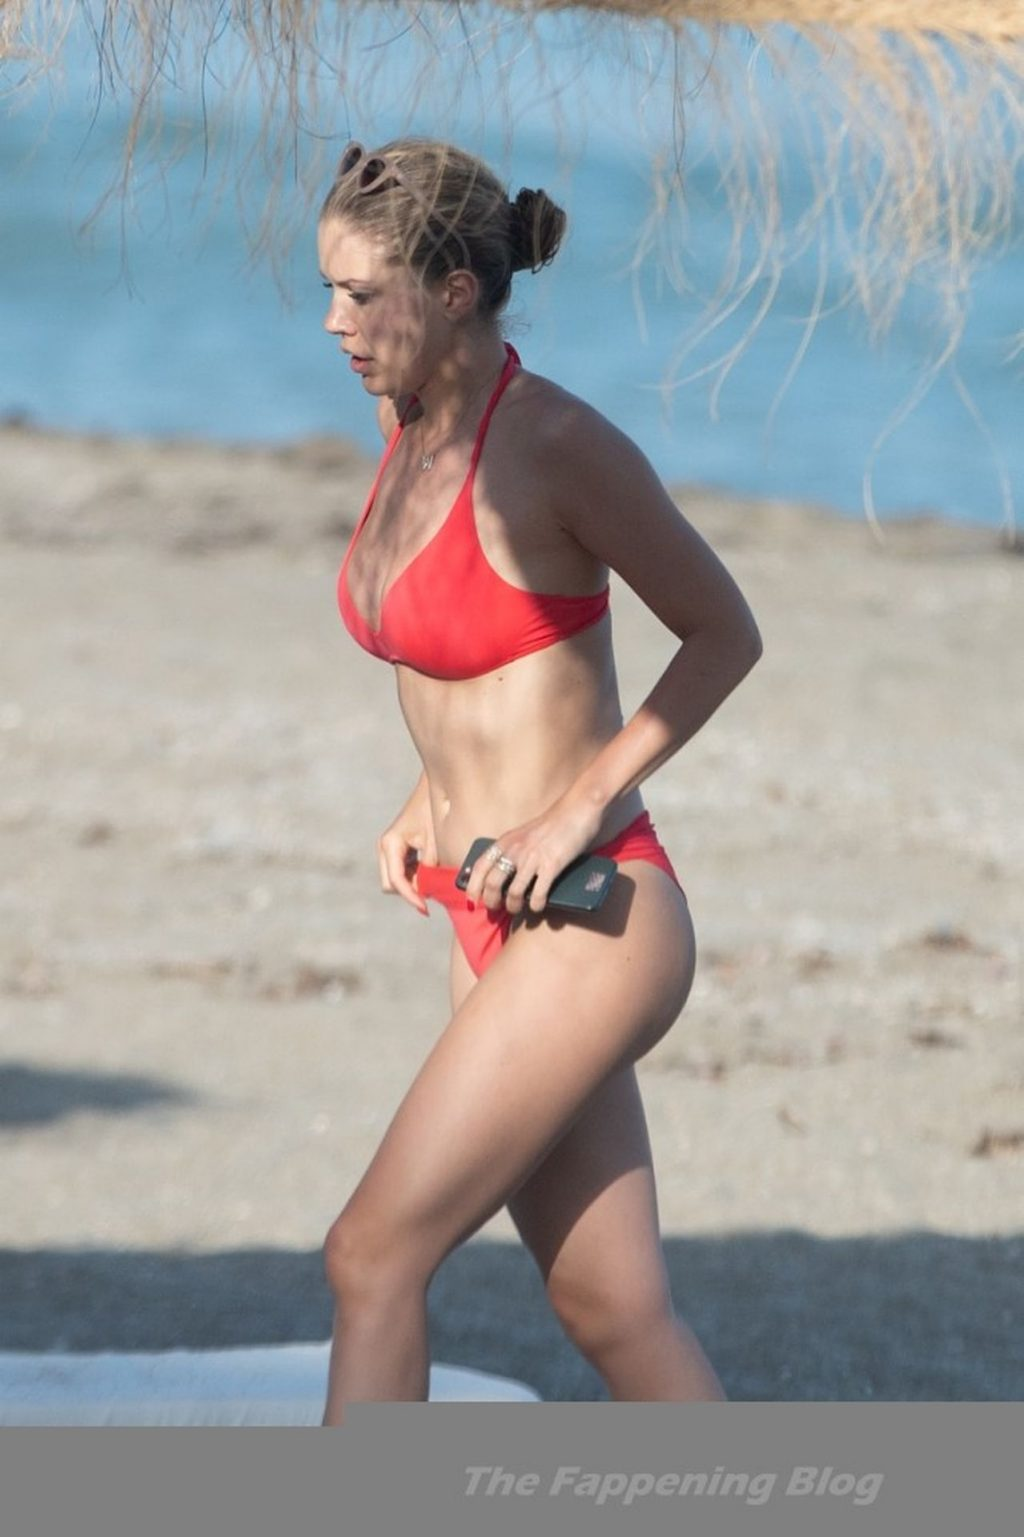 Victoria Swarovski Enjoys a Swim on the Beaches of Marbella (34 Photos)